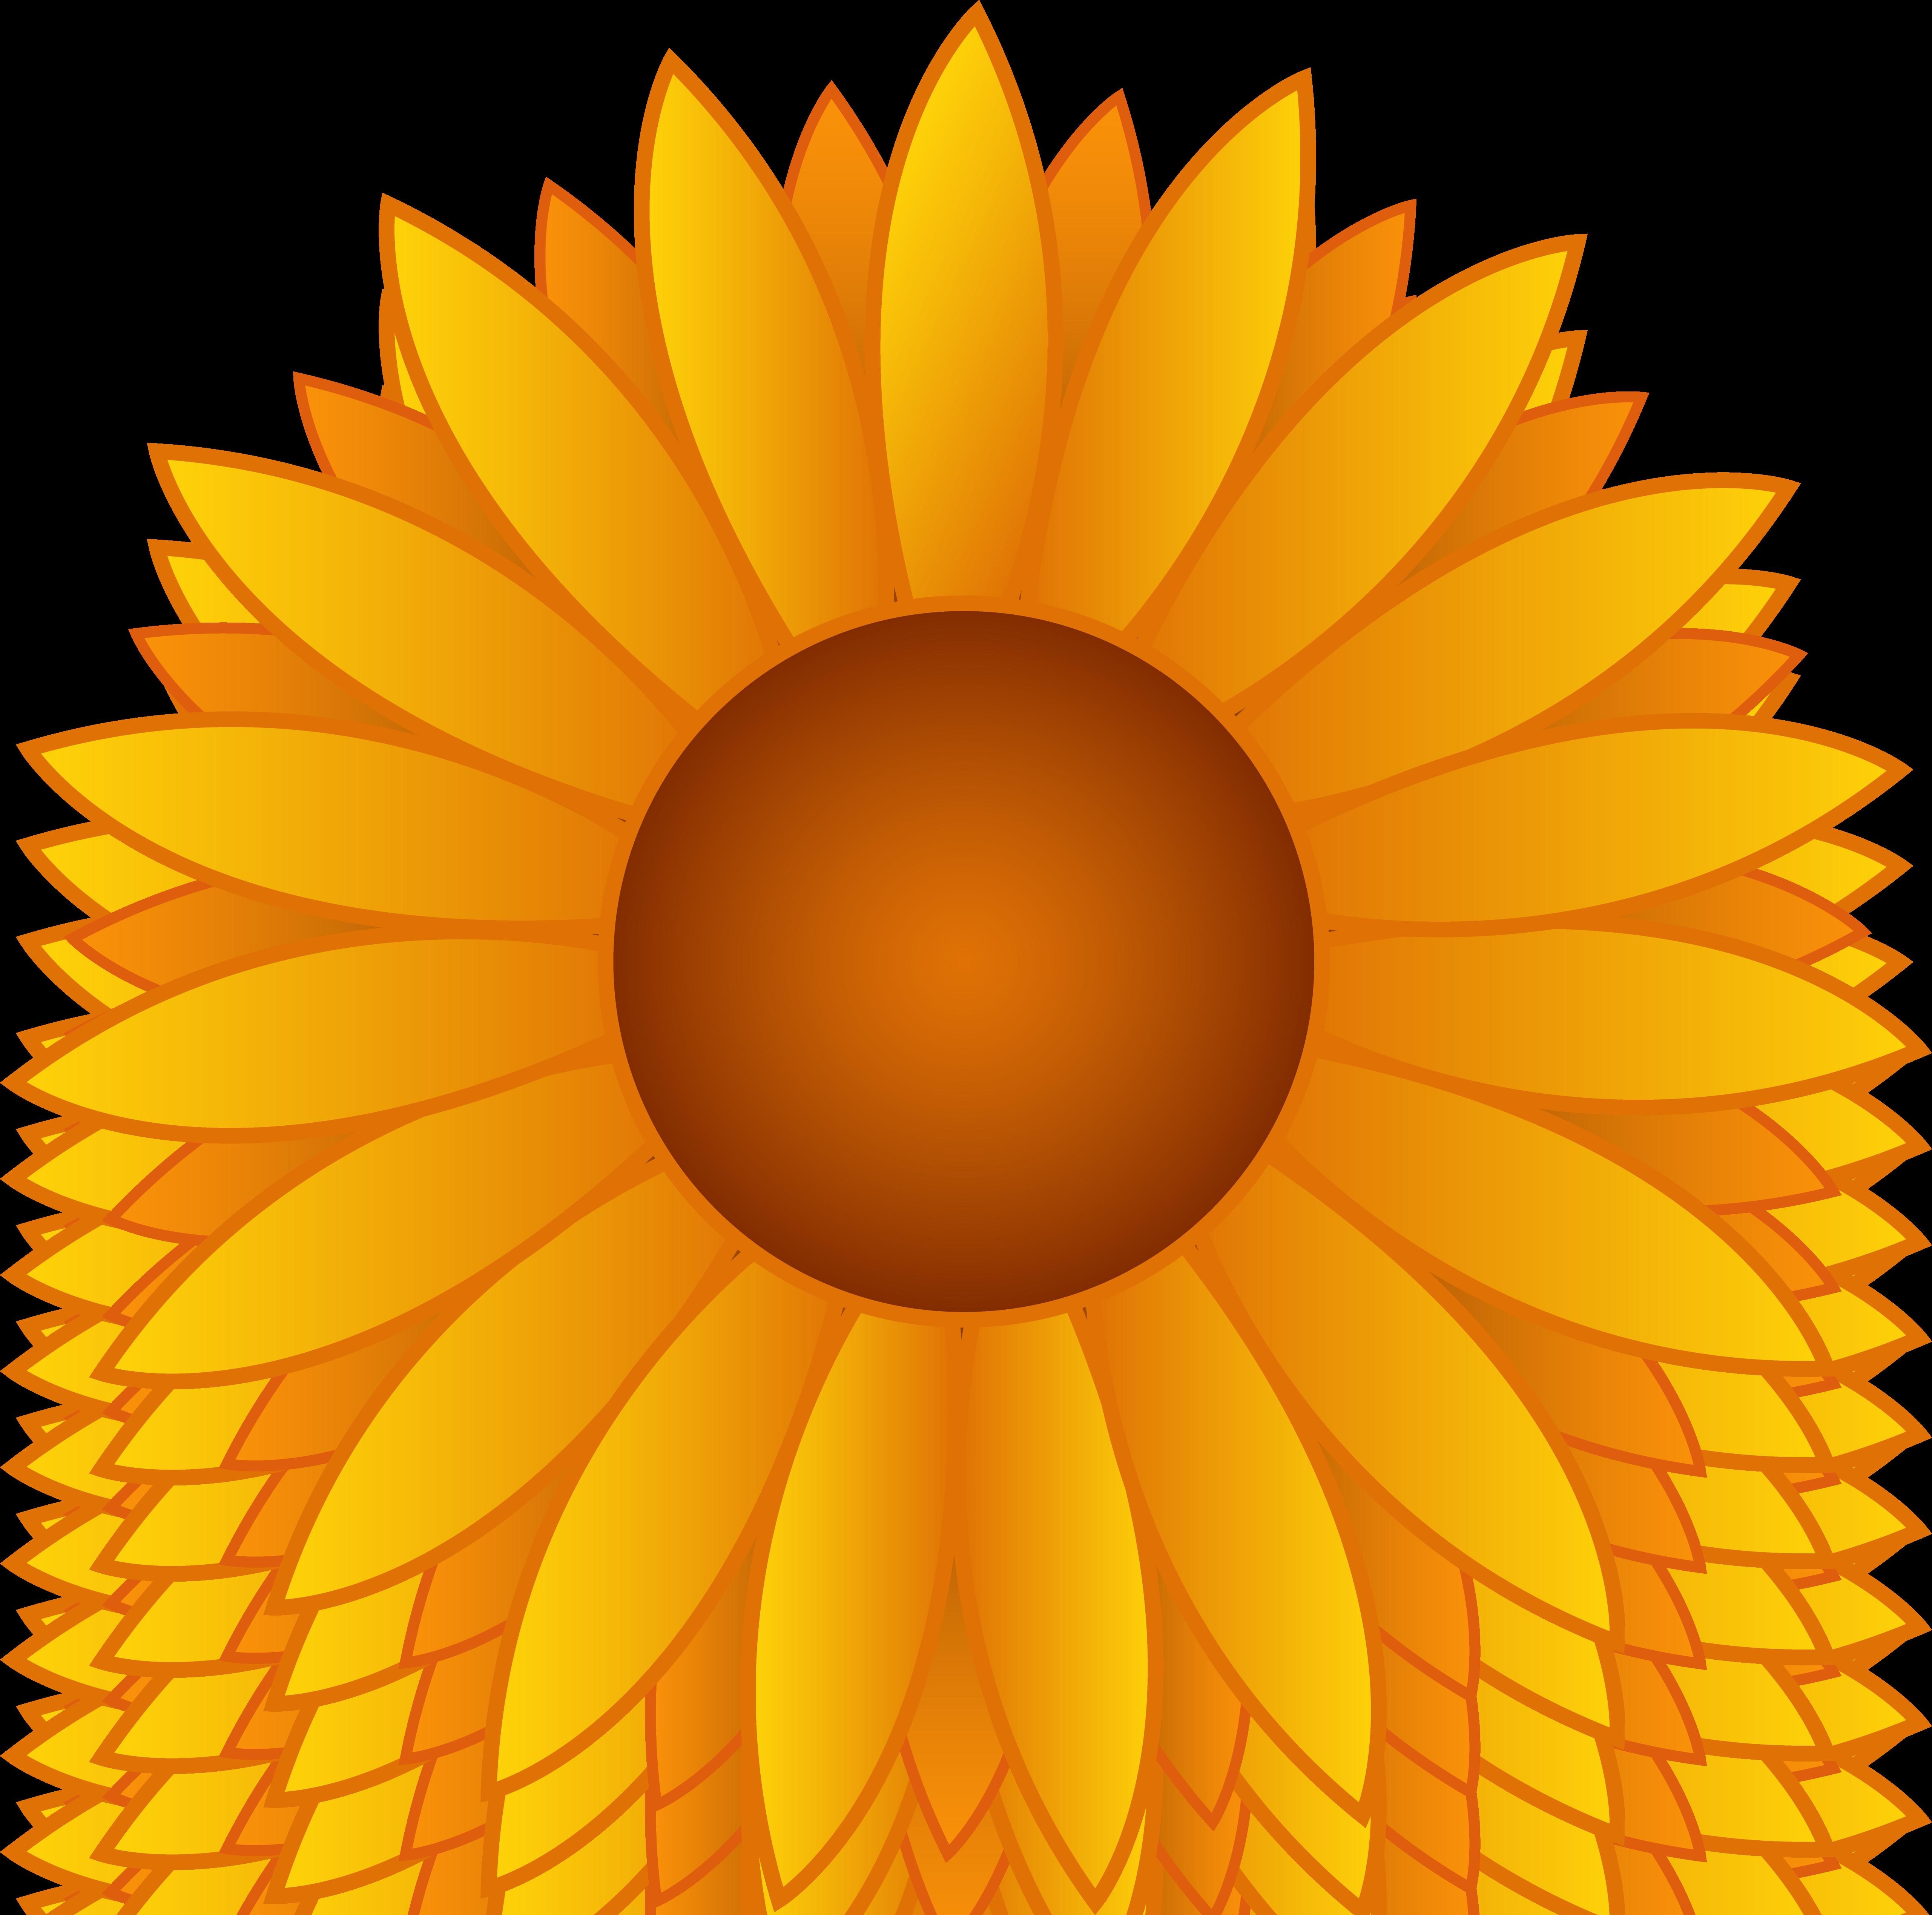 Sunflower Clip Art-Sunflower Clip Art-2